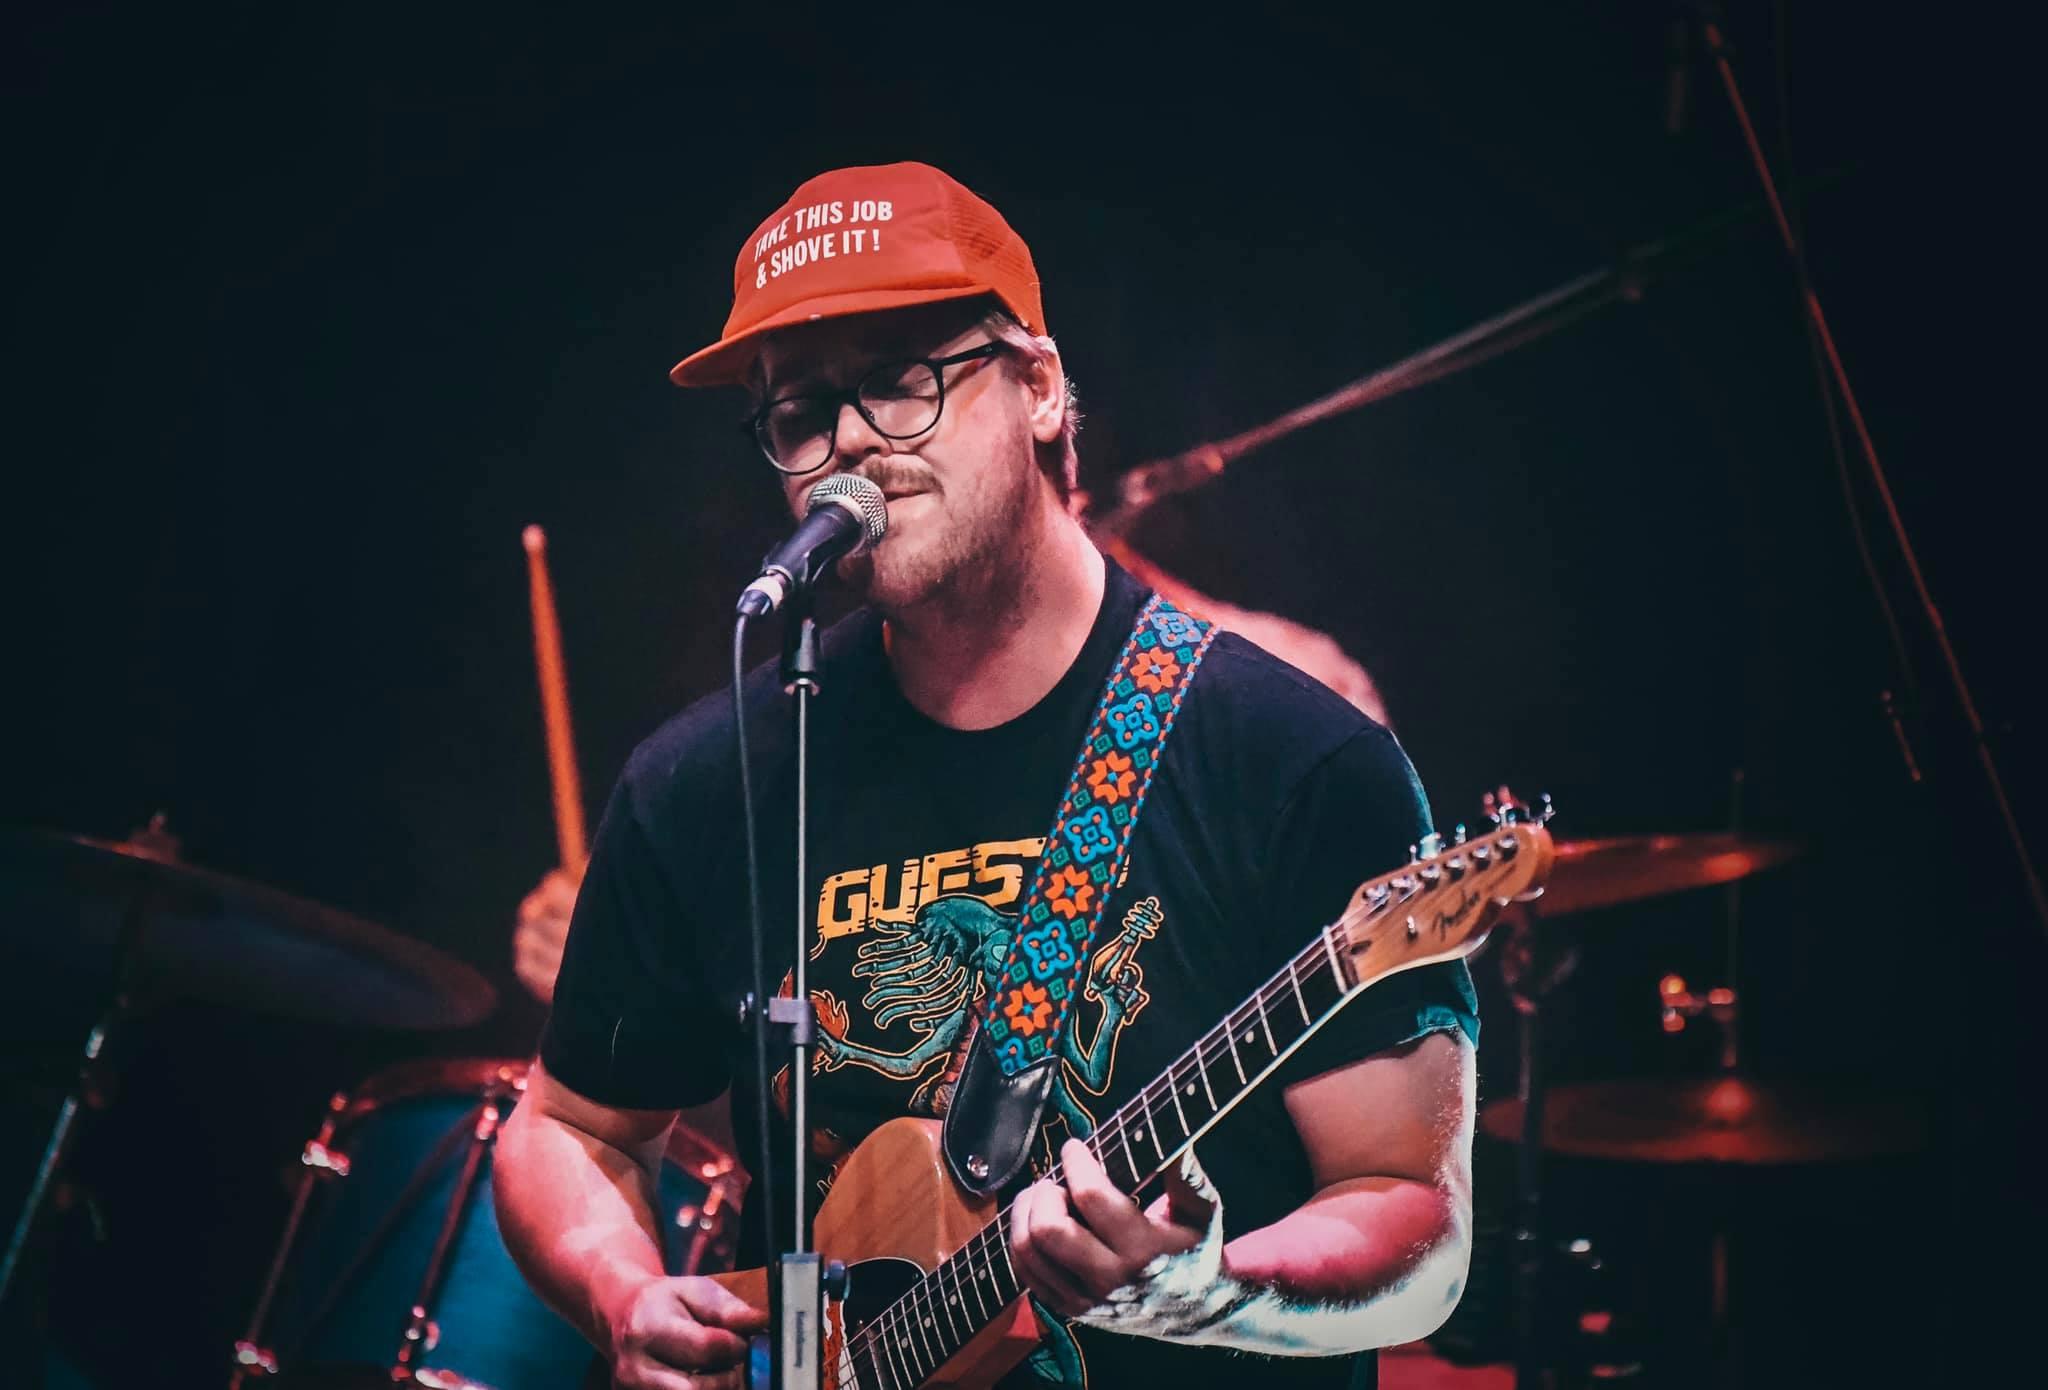 Zack Rec Room Oct 17, 2019